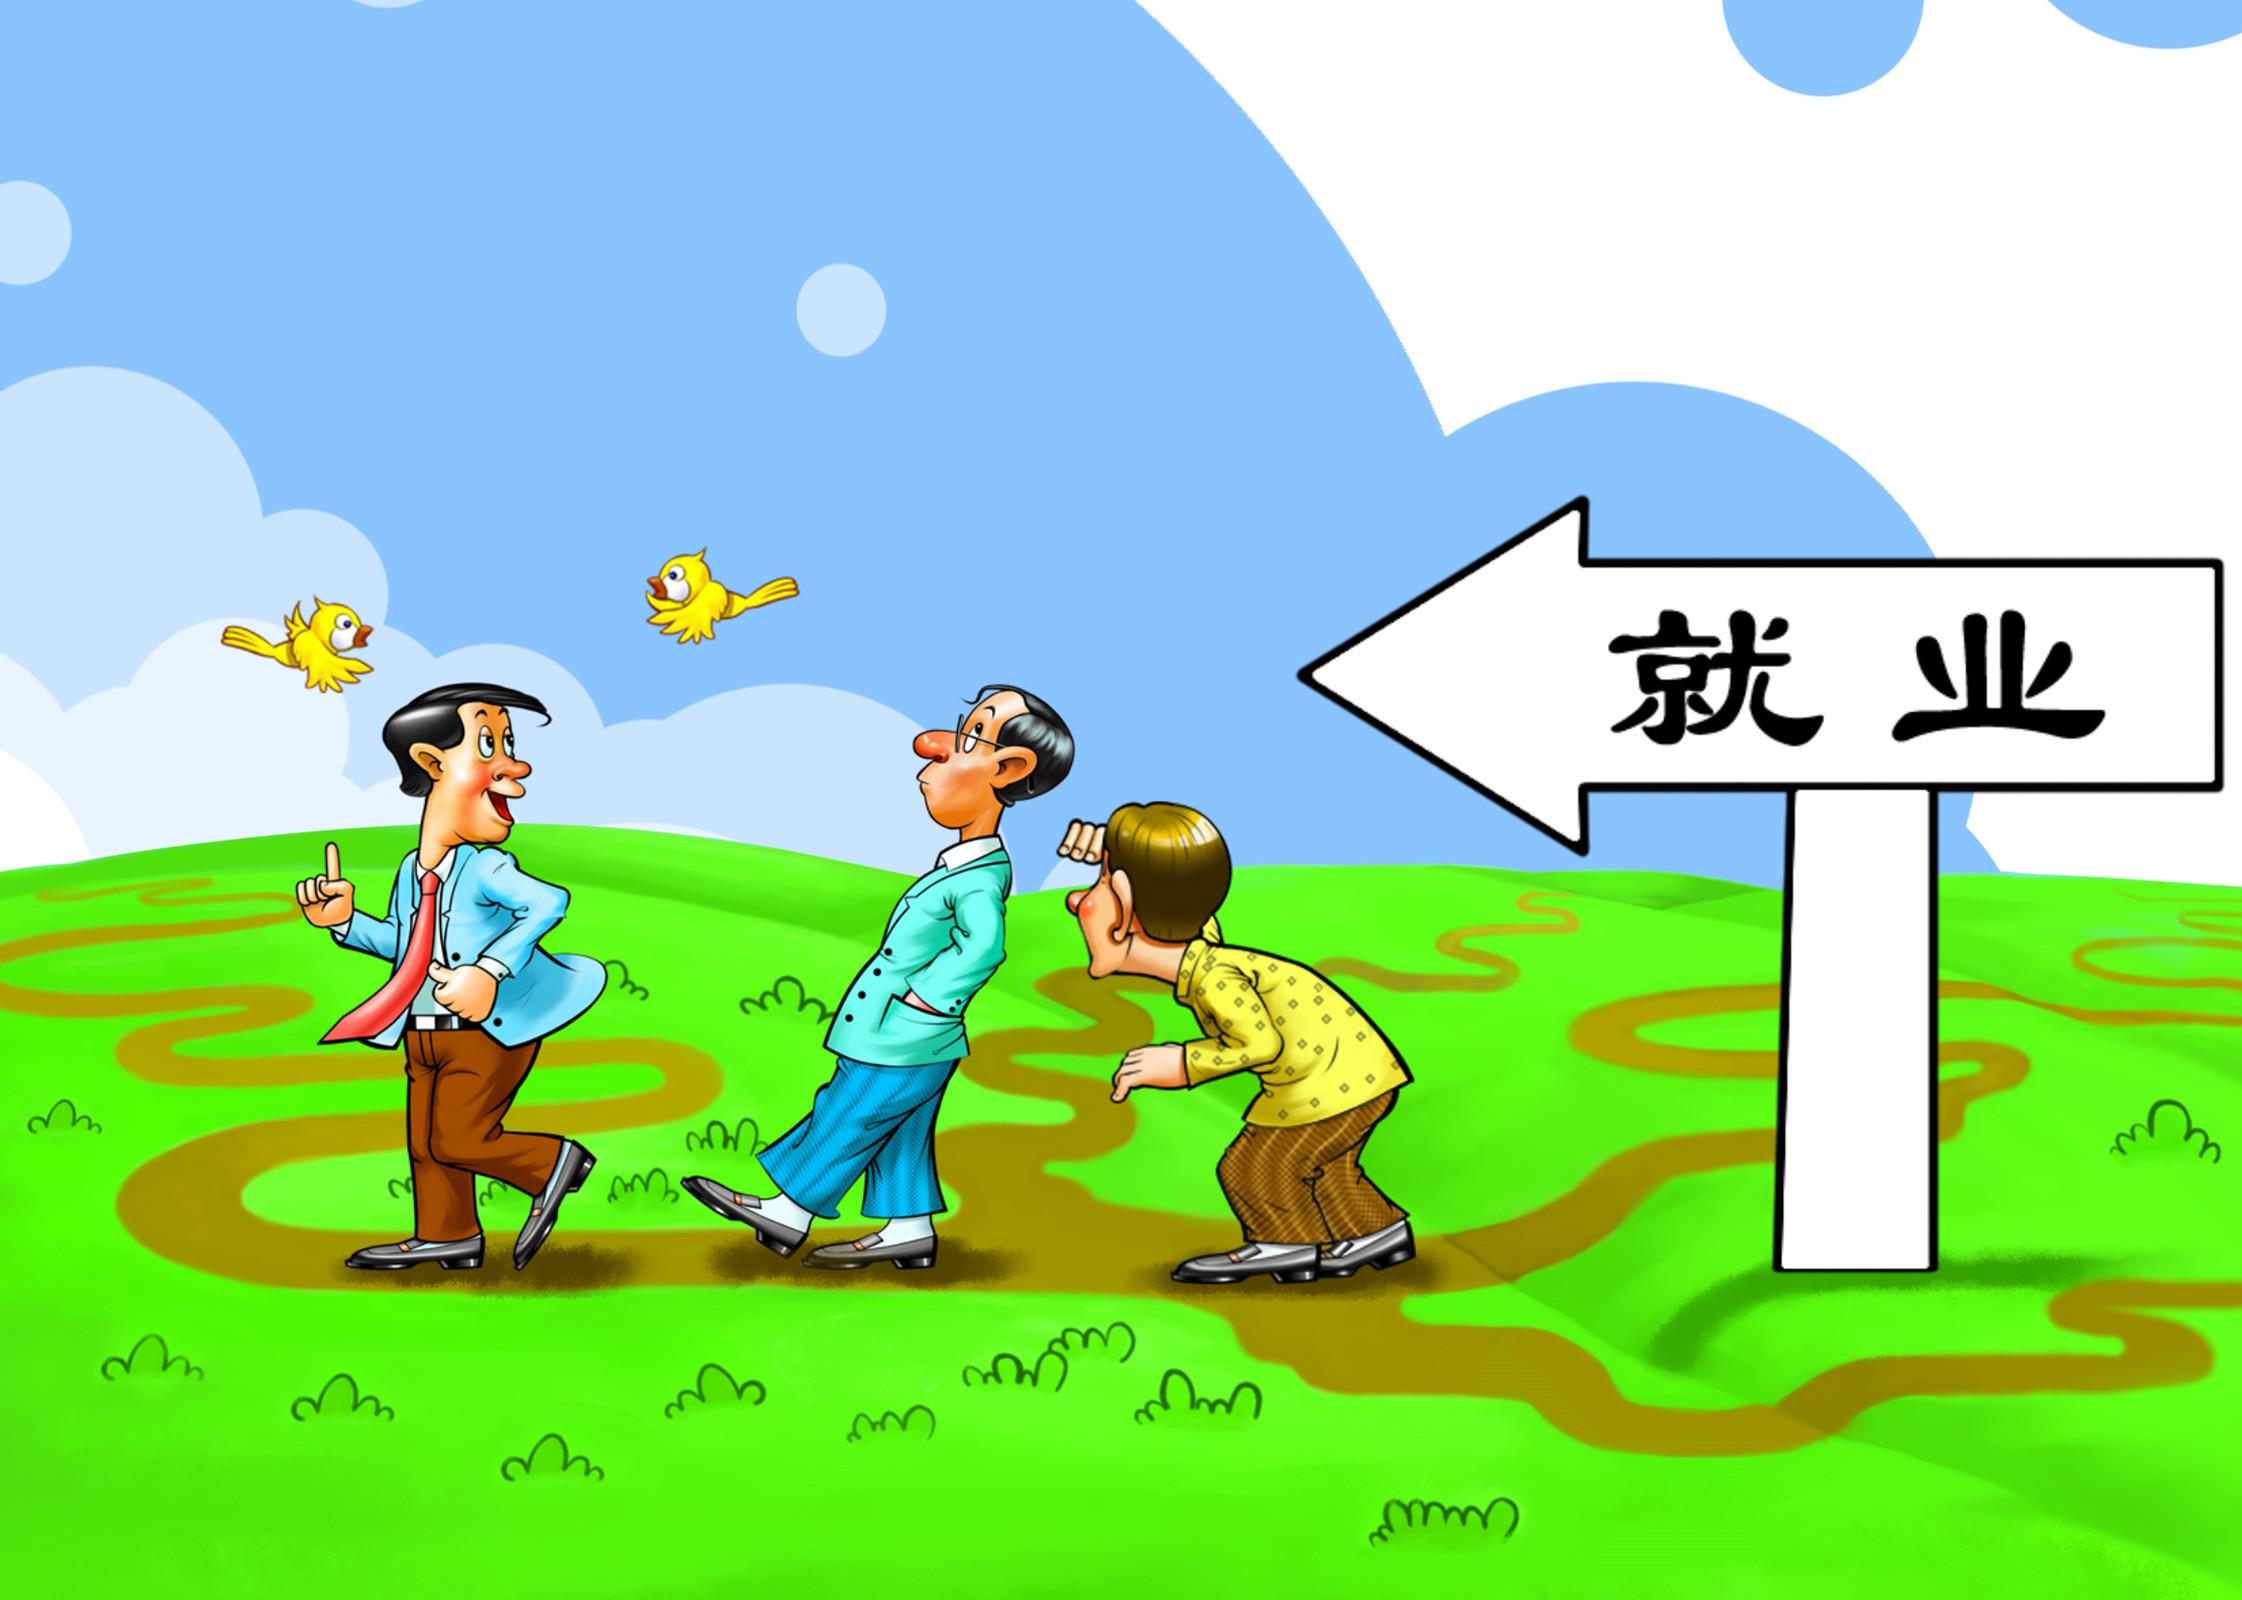 让更多年轻人愿意回乡村发展a.jpg